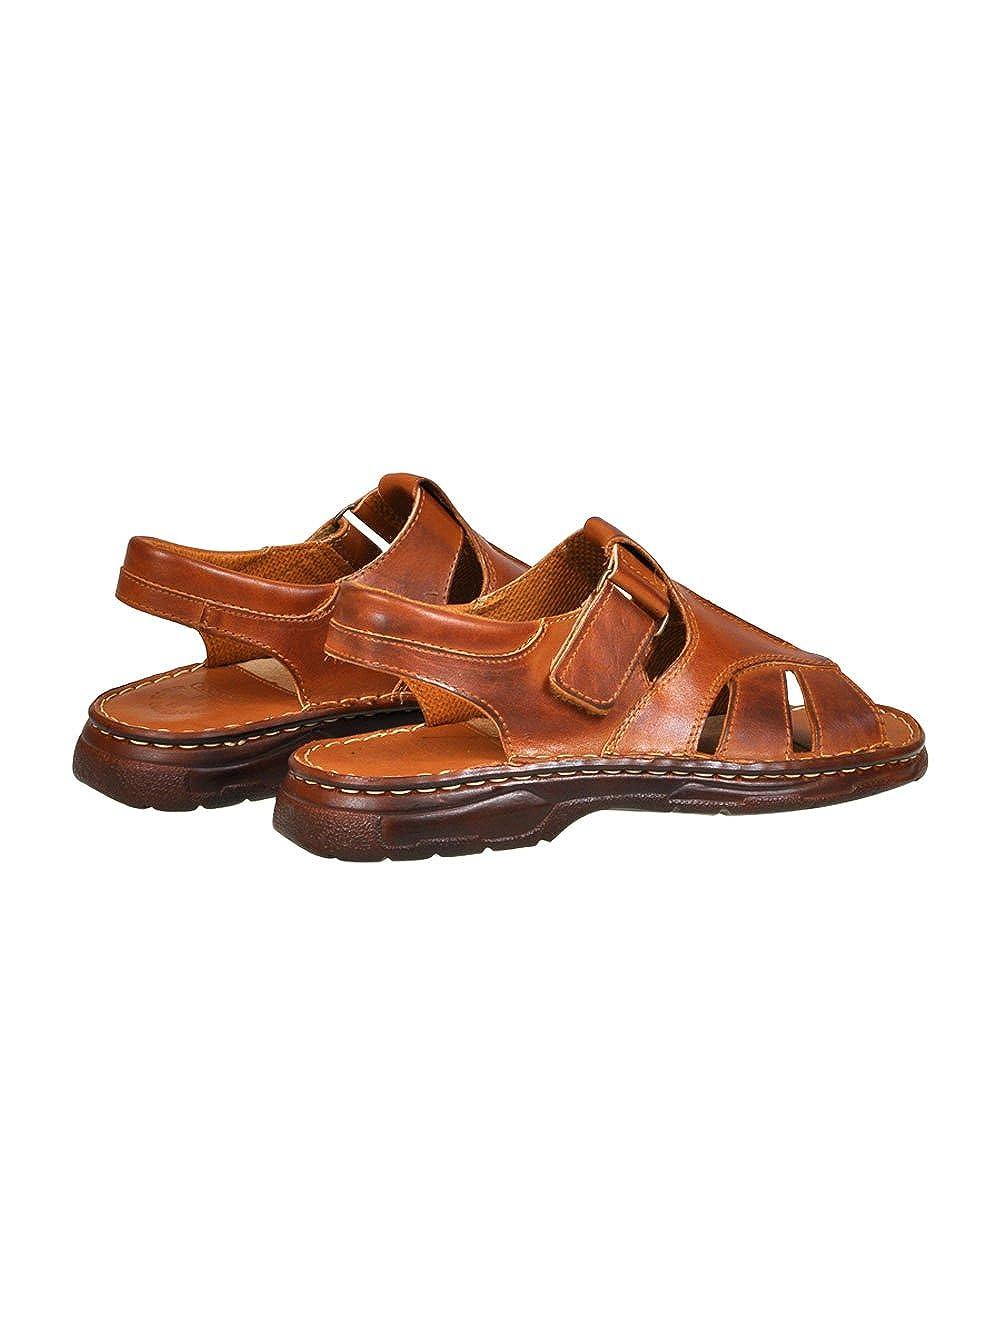 pour Homme Reel Cuir De Bison en Forme Orthopedique Chaussures Sandales Modele 835